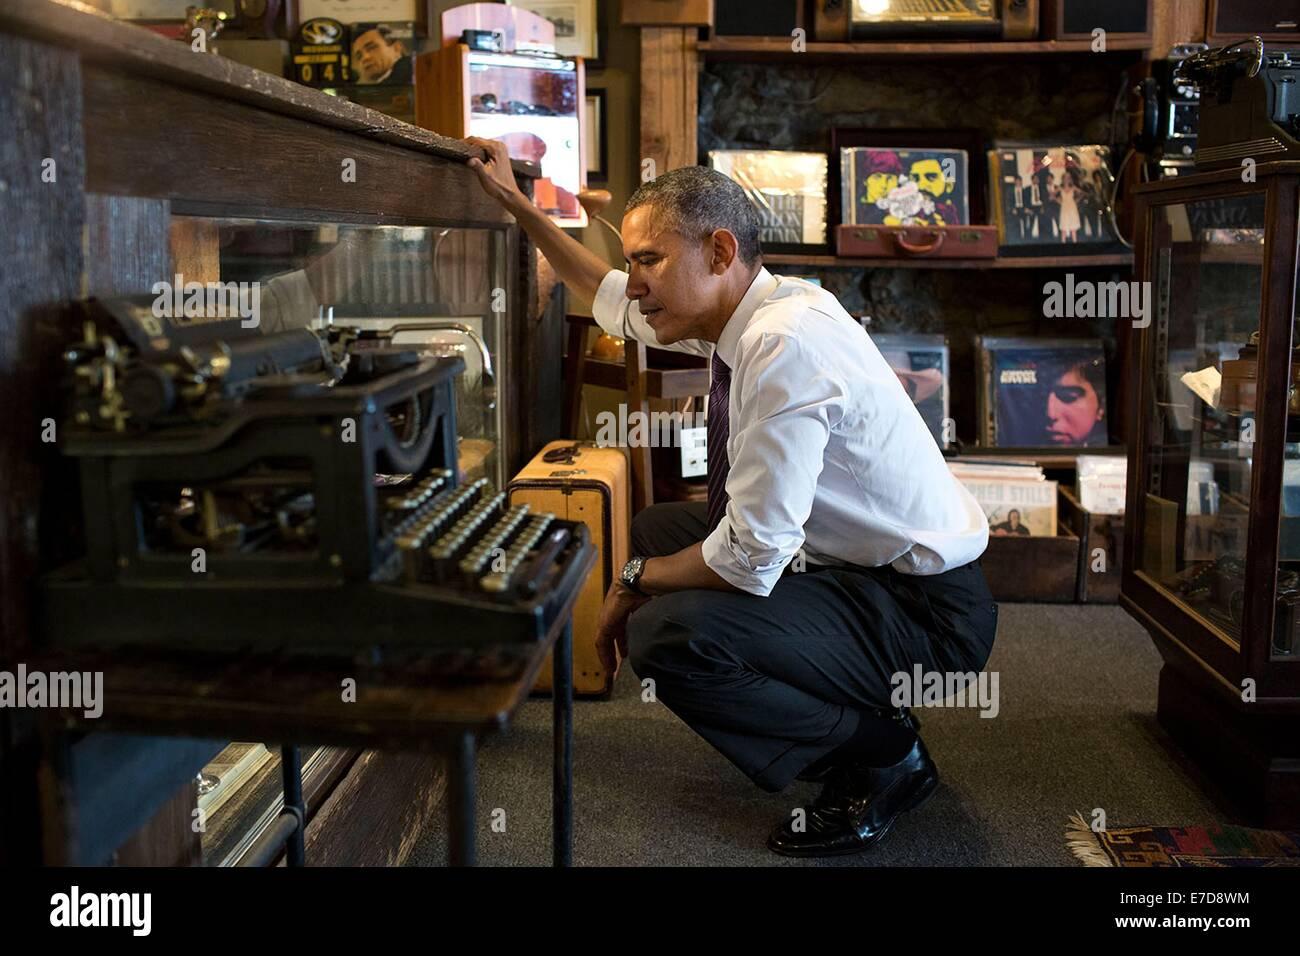 El presidente estadounidense Barack Obama parece más mercadería en una vitrina en Cool relojes clásicos Imagen De Stock